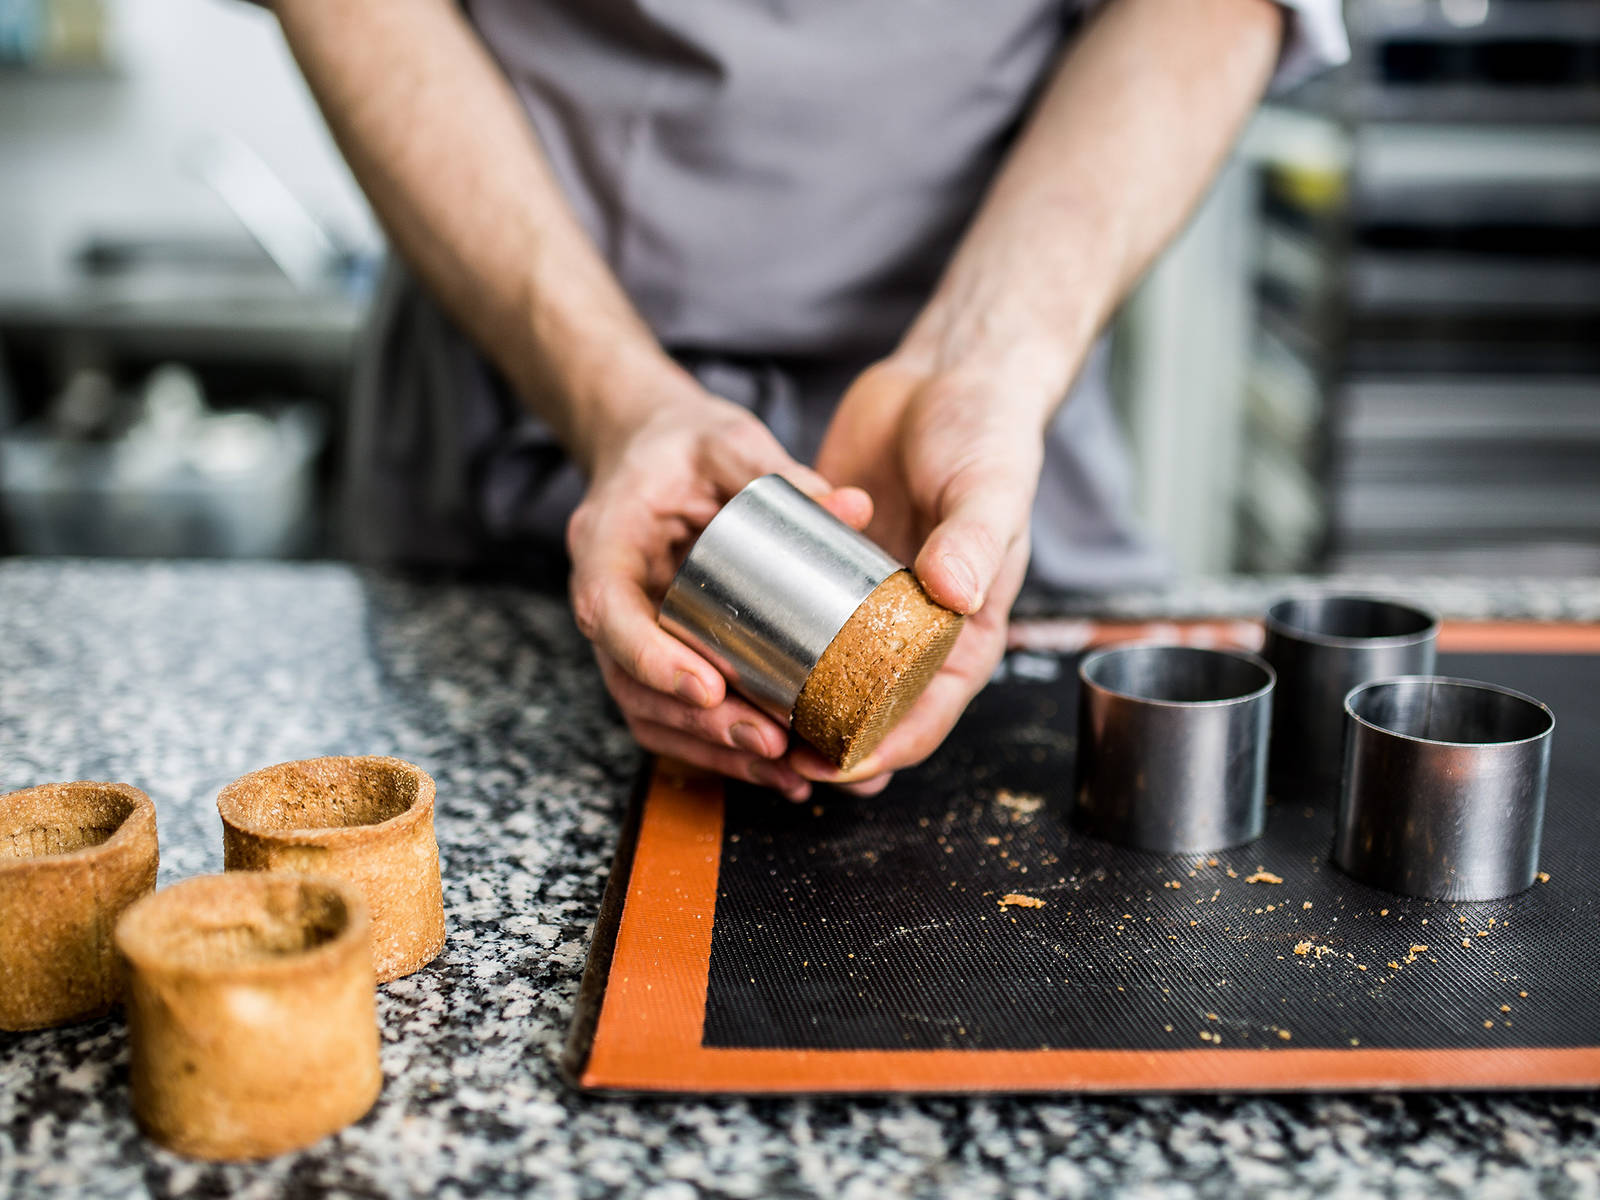 将模具放置在铺好烘培纸的烤盘上,放进冰箱冷藏约30分钟。同时180度预热烤箱。30分钟后,从冰箱拿出烤盘放入烤箱烤制约10分钟,然后将模具倒置,再次烤制约5-7分钟。从烤箱中取出烤盘,静置约10分钟。待其完全冷却,就可以从模具中取出你的曲奇杯子了